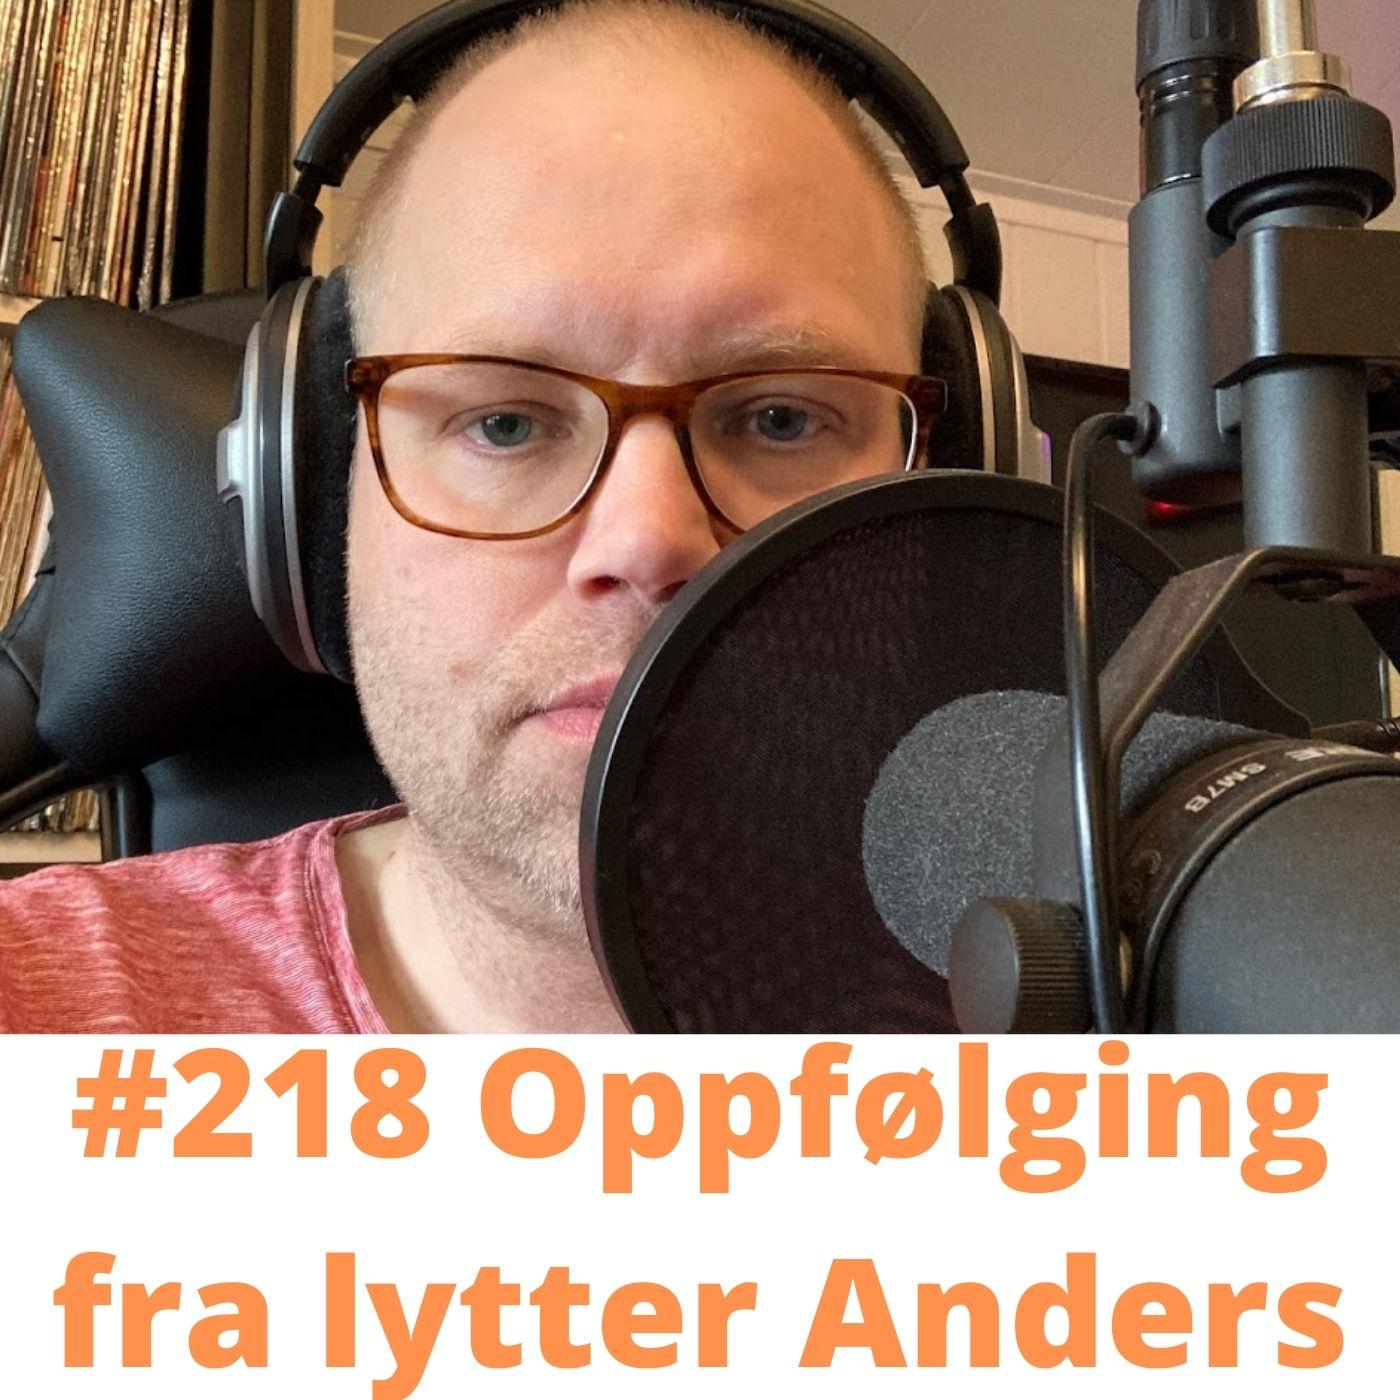 #218 Oppfølging fra lytter Anders!